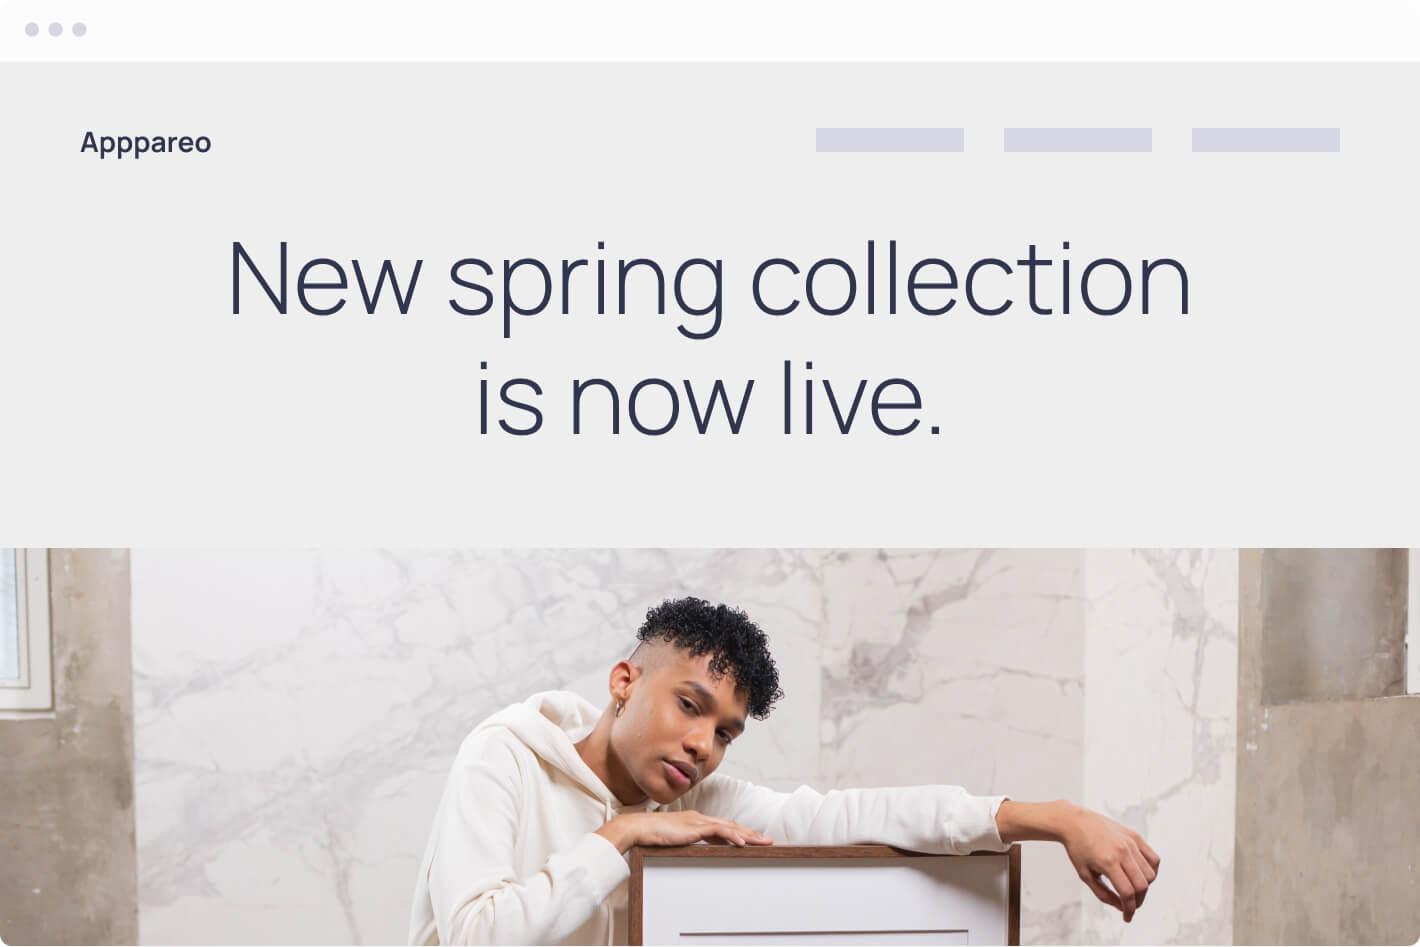 Browser mockup of a boutique website